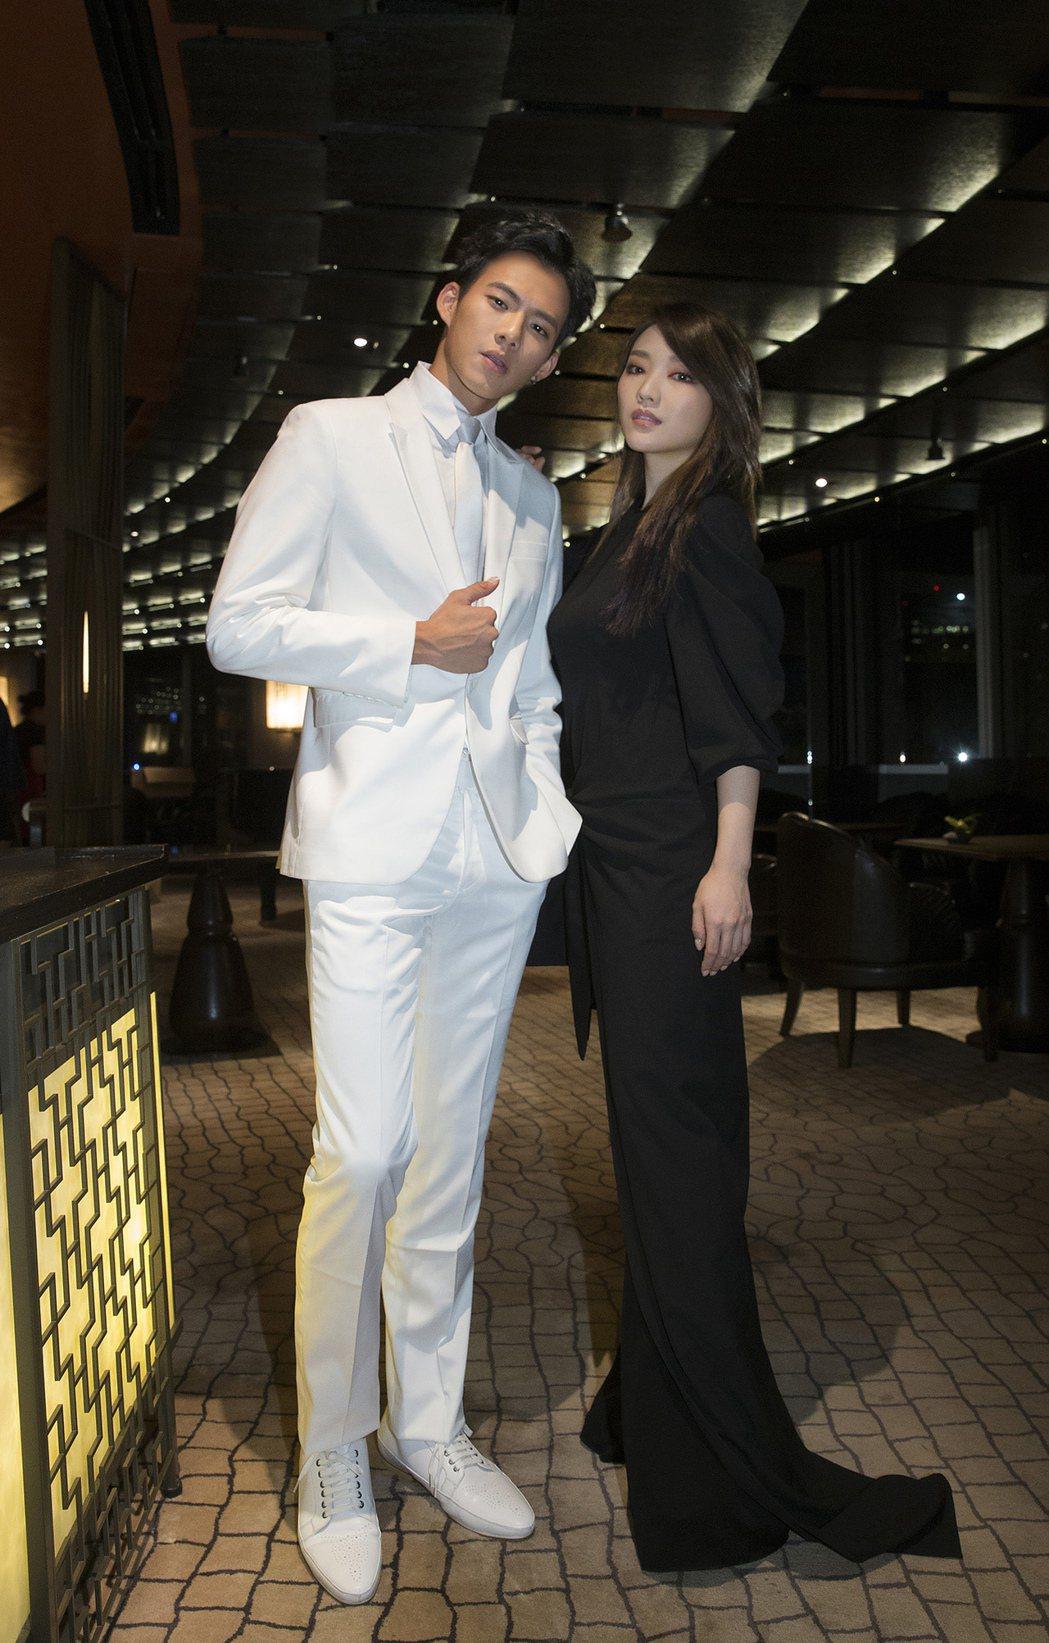 閻奕格表示吳念軒(左)太帥,不敢直視對方眼睛。圖/華研國際音樂提供